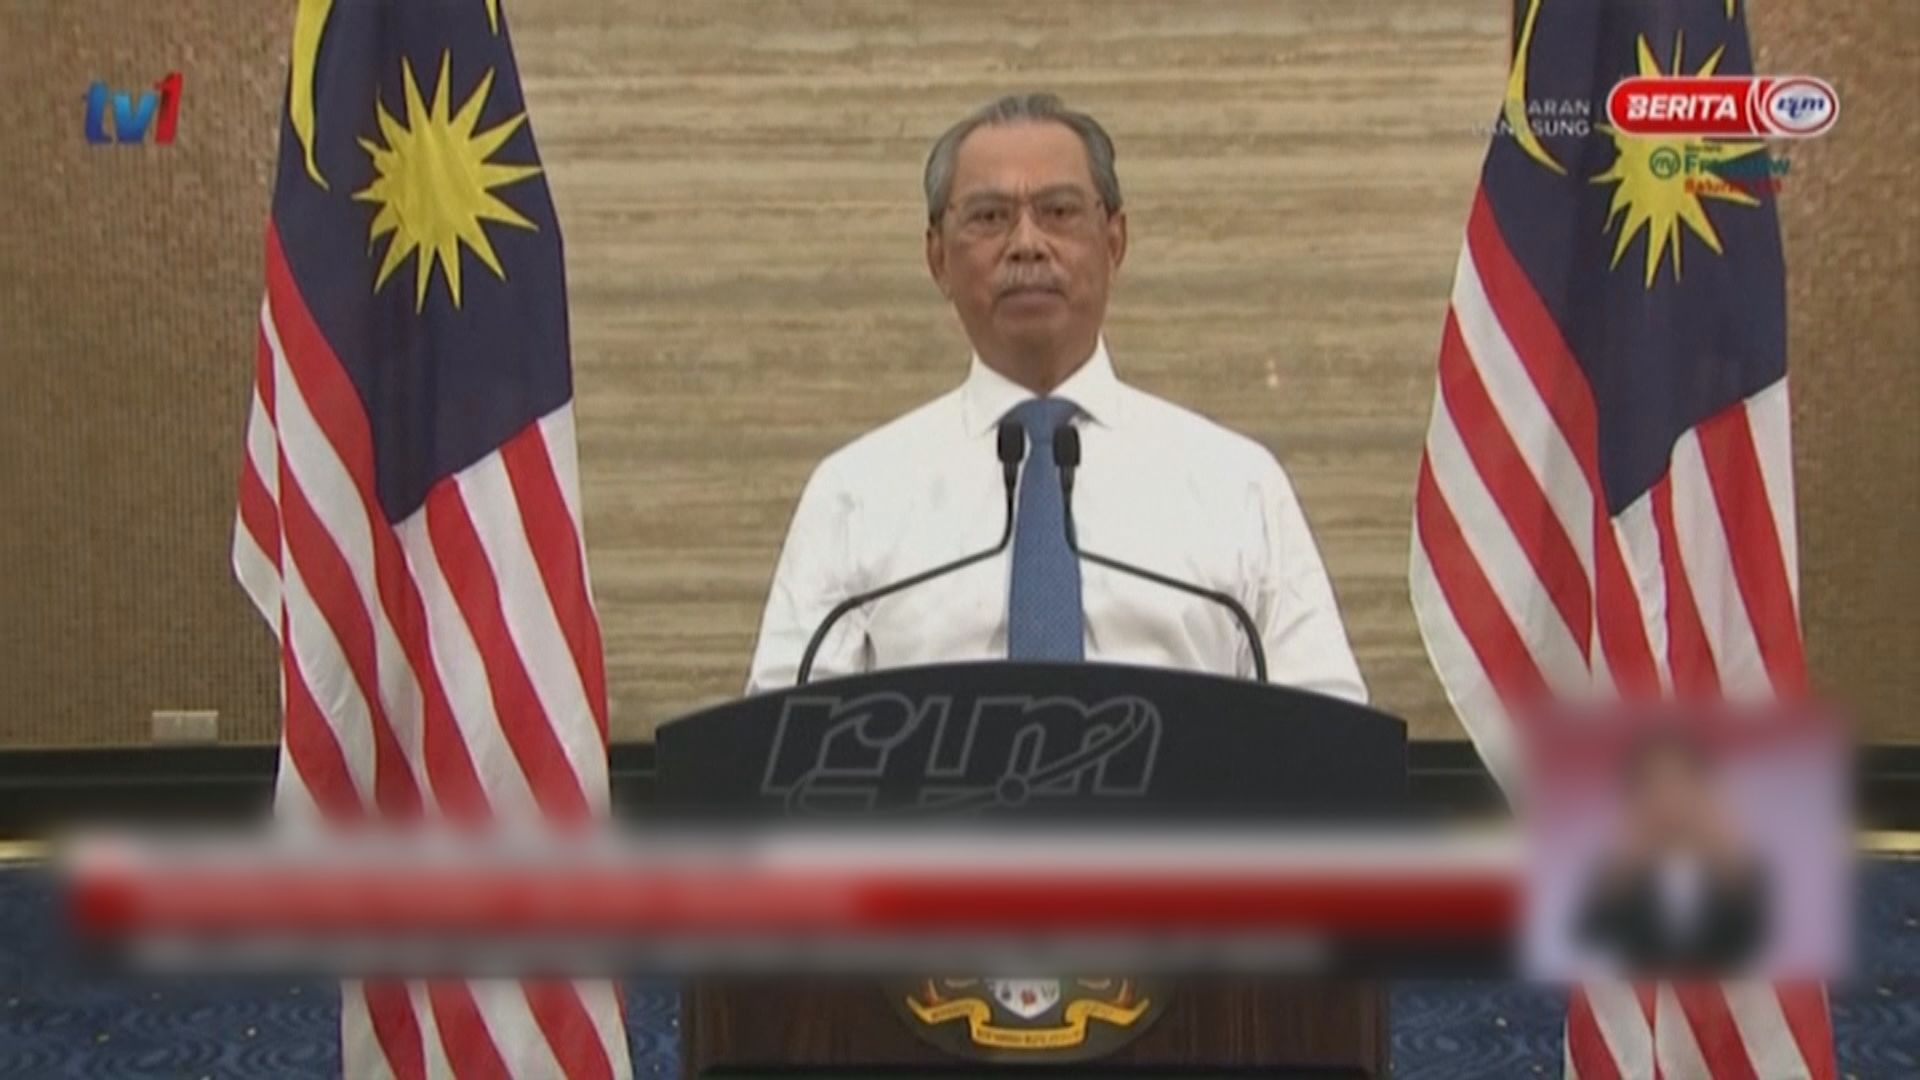 馬來西亞因應新冠疫情全國進入緊急狀態